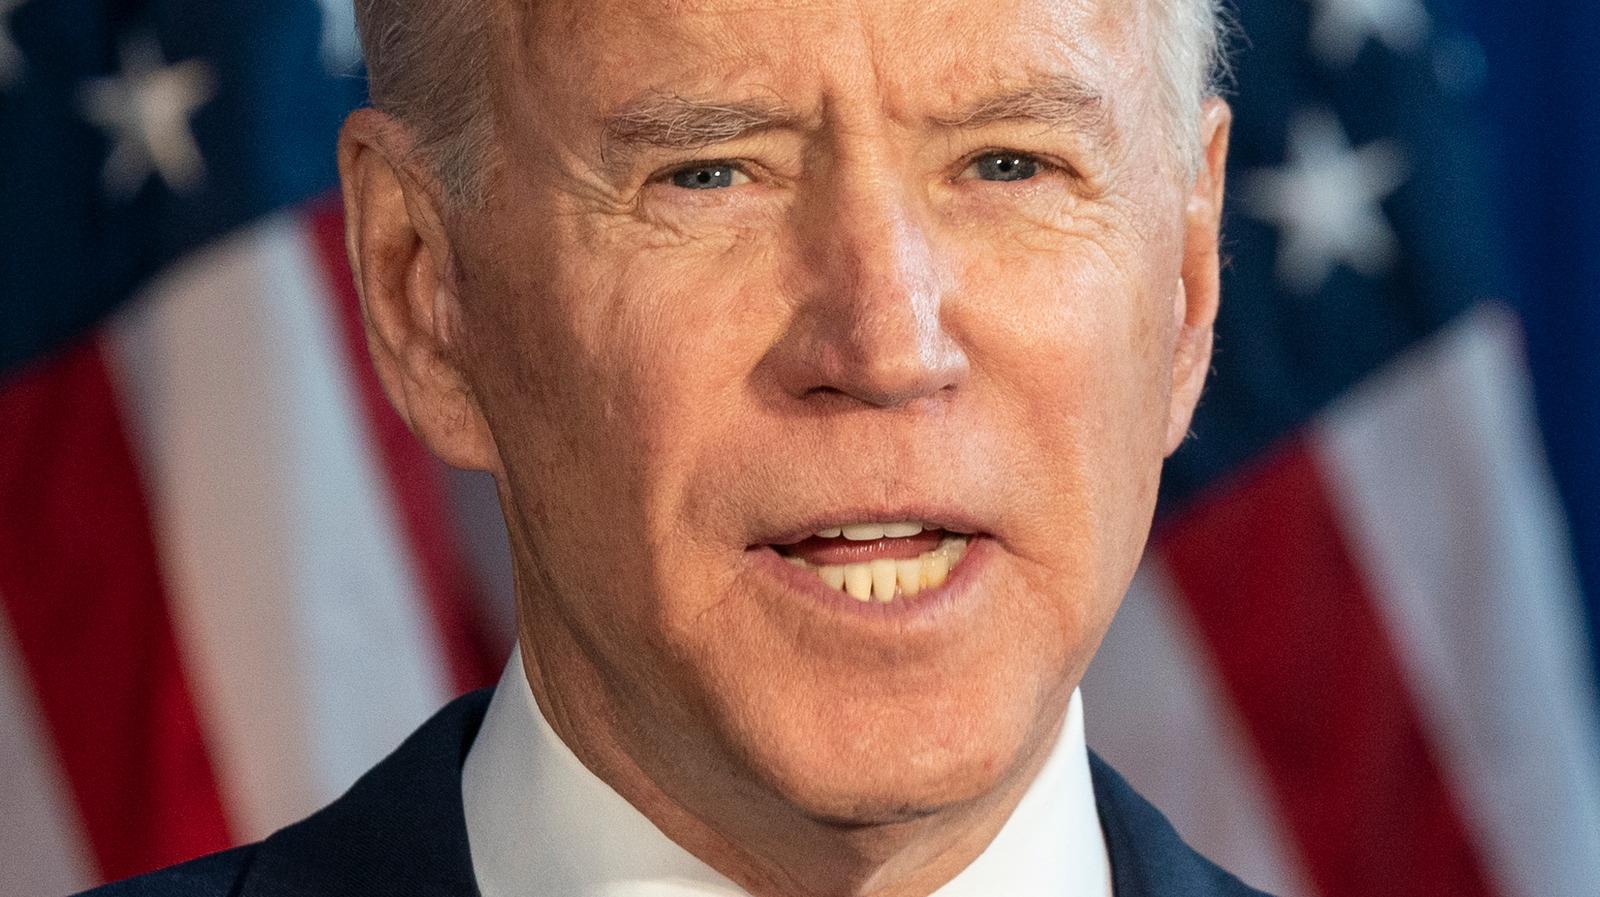 Why Joe Biden Apologized To CNN's Kaitlan Collins